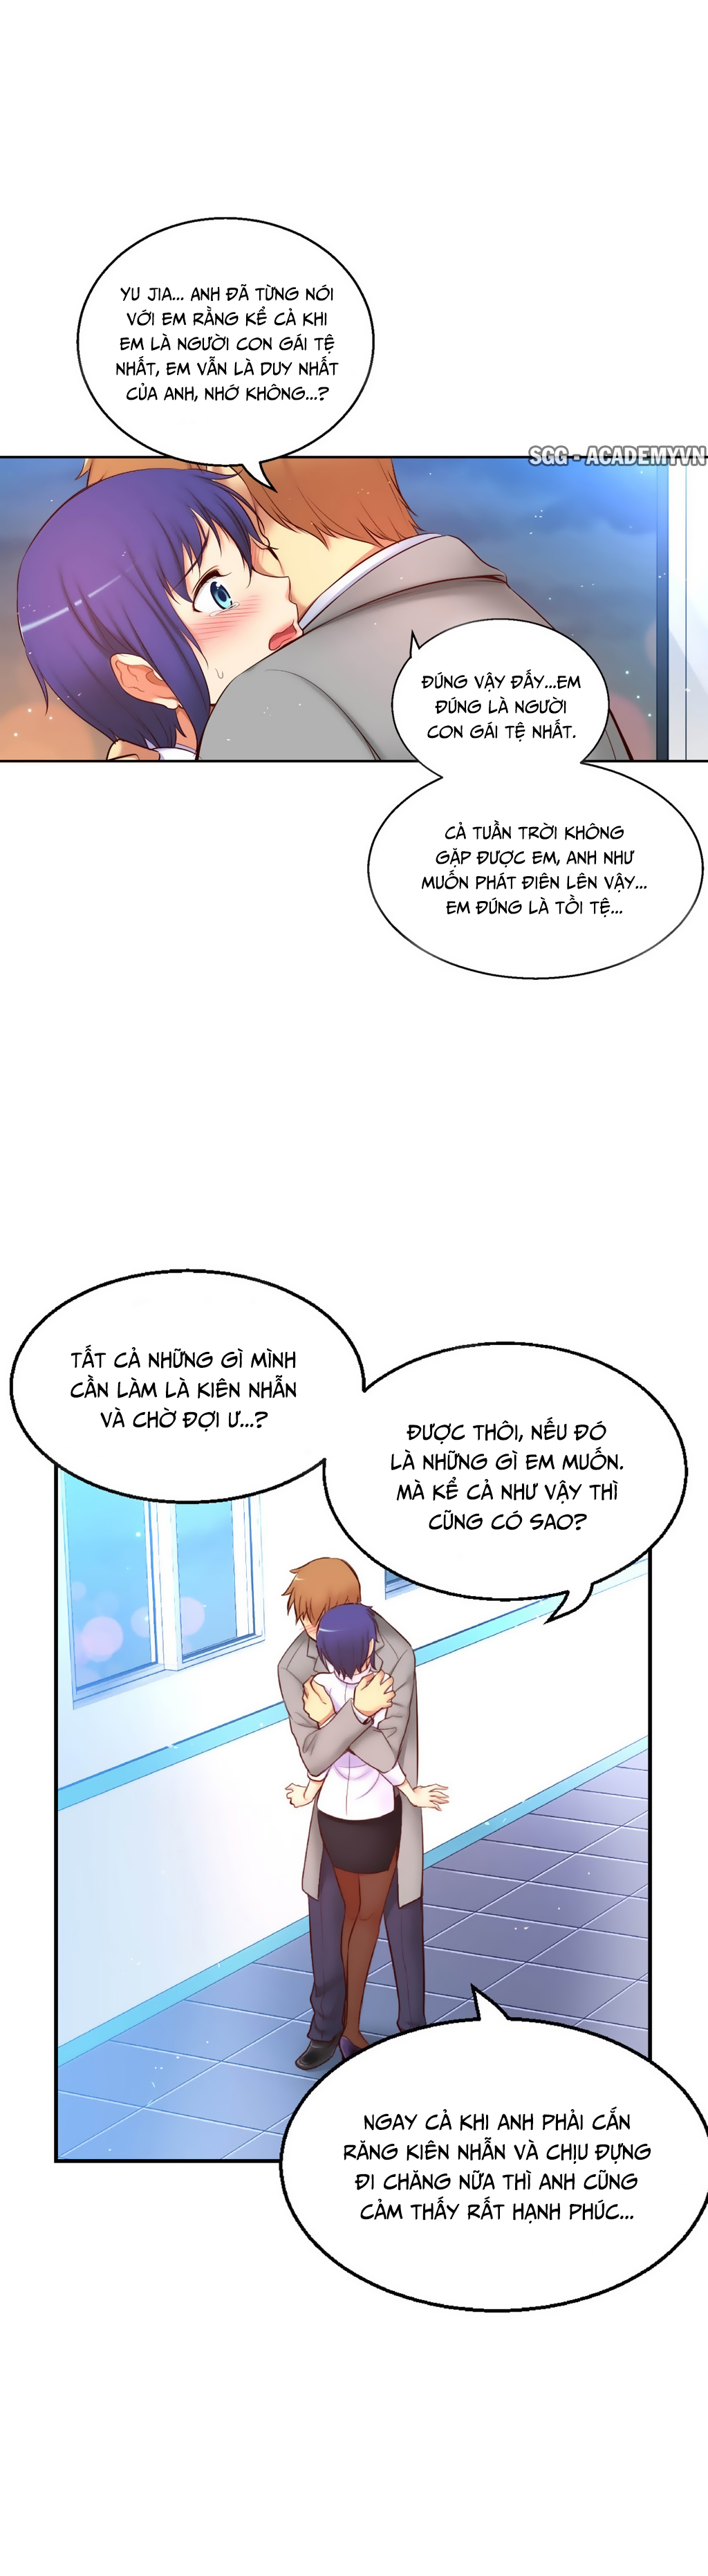 Hình ảnh HINH_00007 in [Siêu phẩm Hentai] Little Girl Full